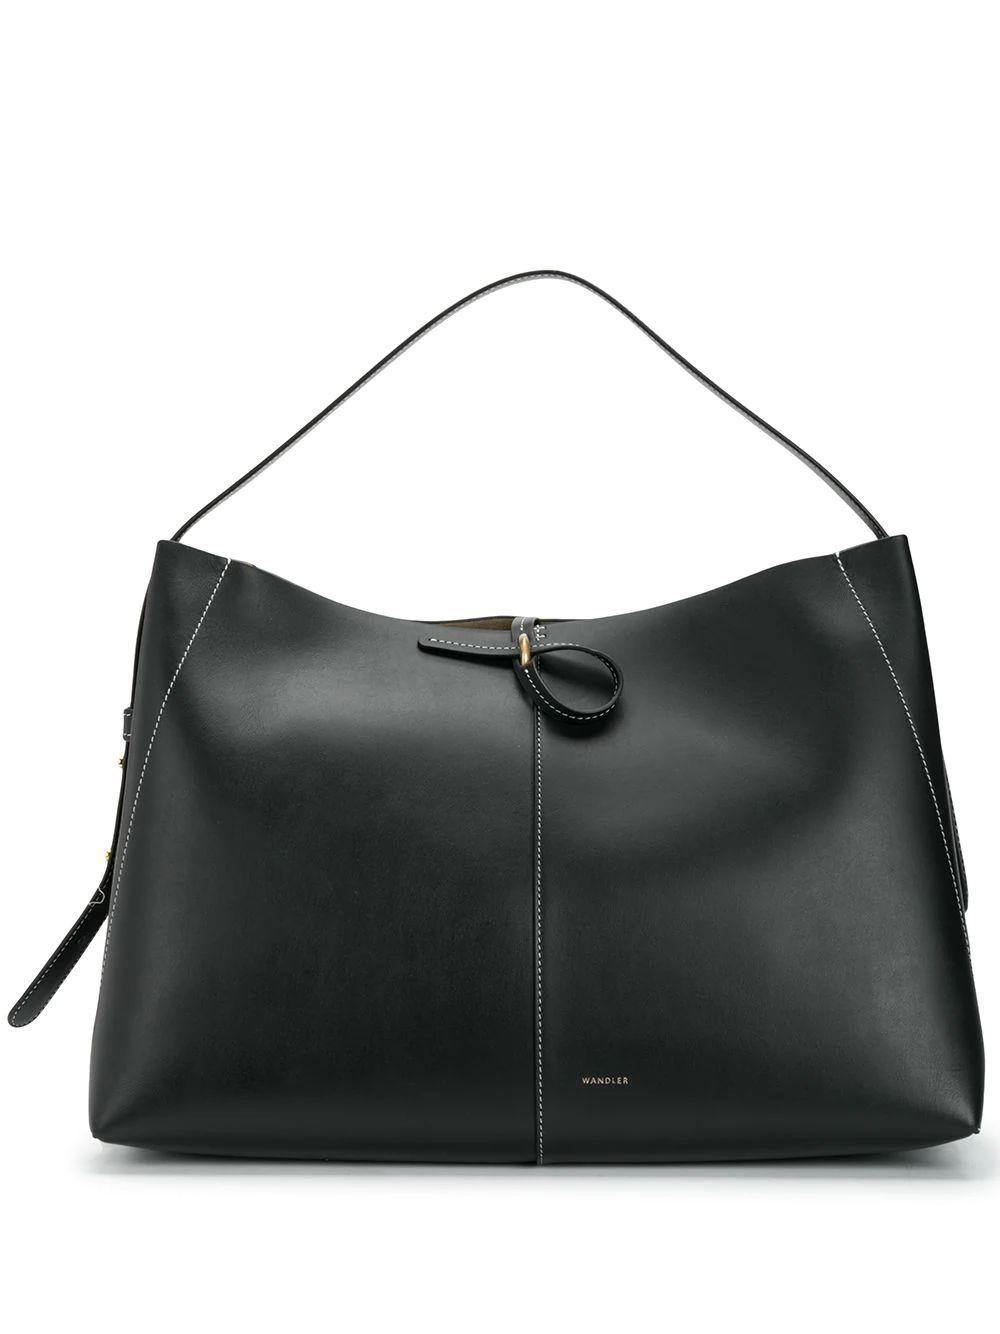 Ava Tote Bag Calf Leather